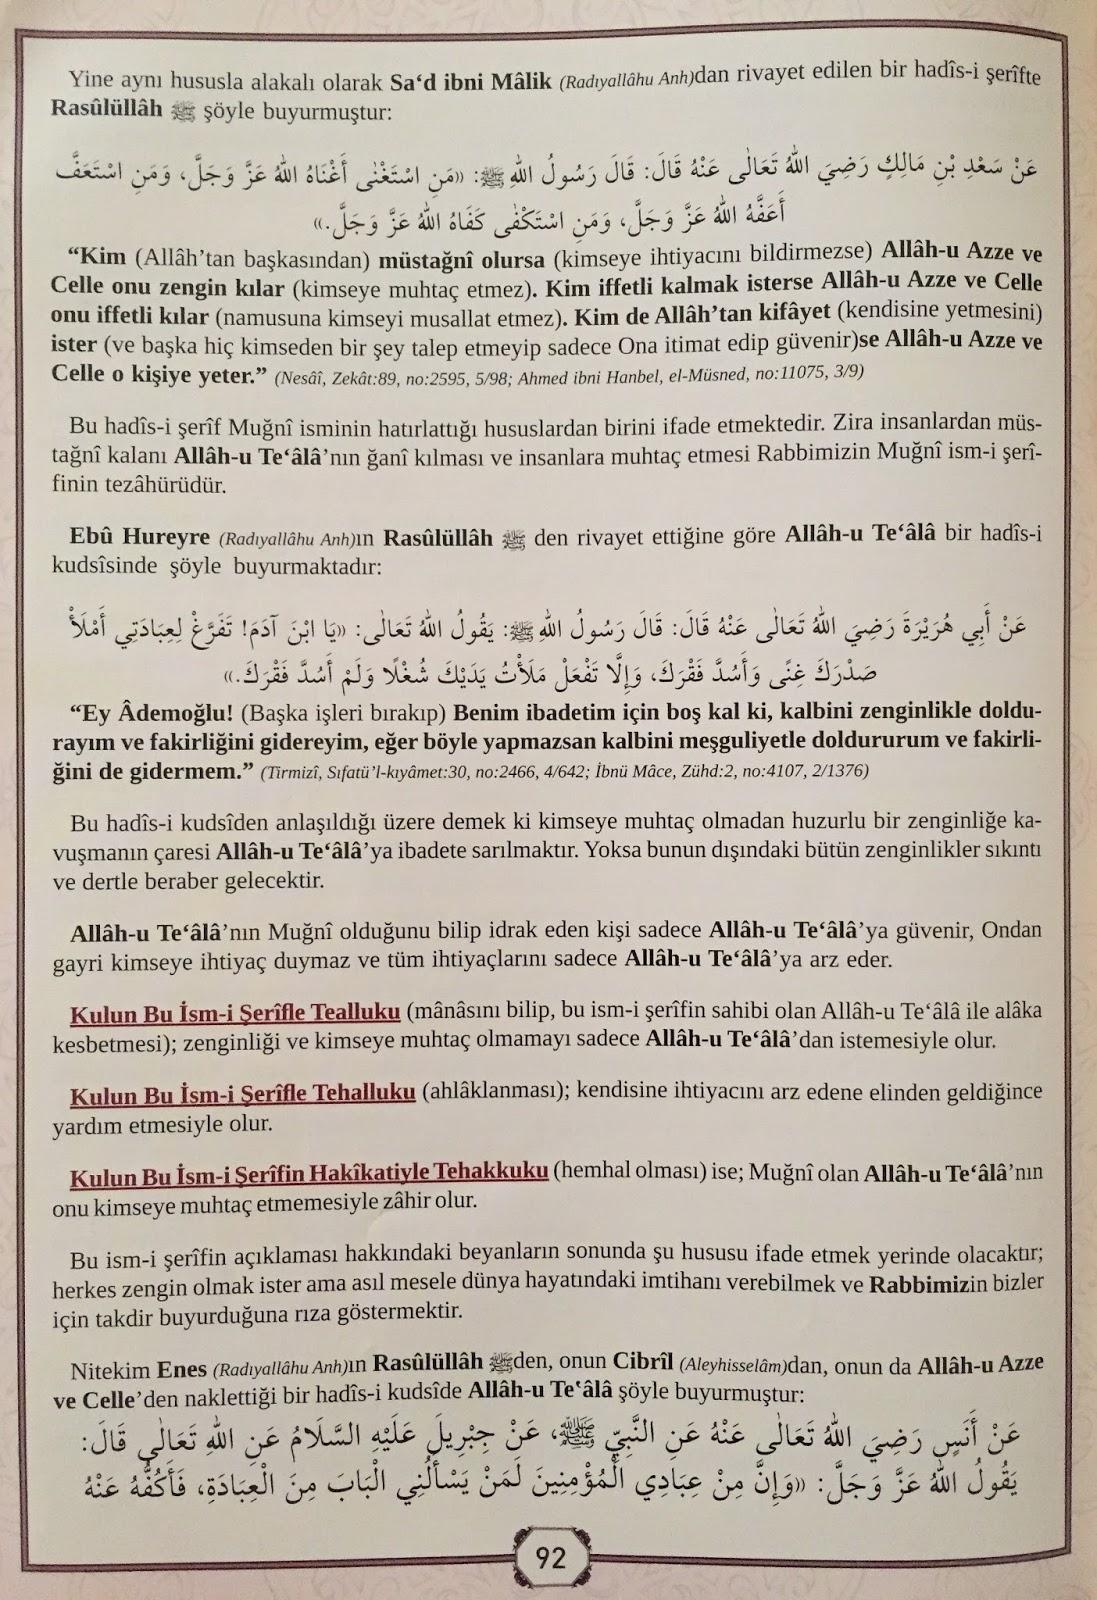 Zengin Olmak İçin (Cübbeli Ahmet Hocaefendi)